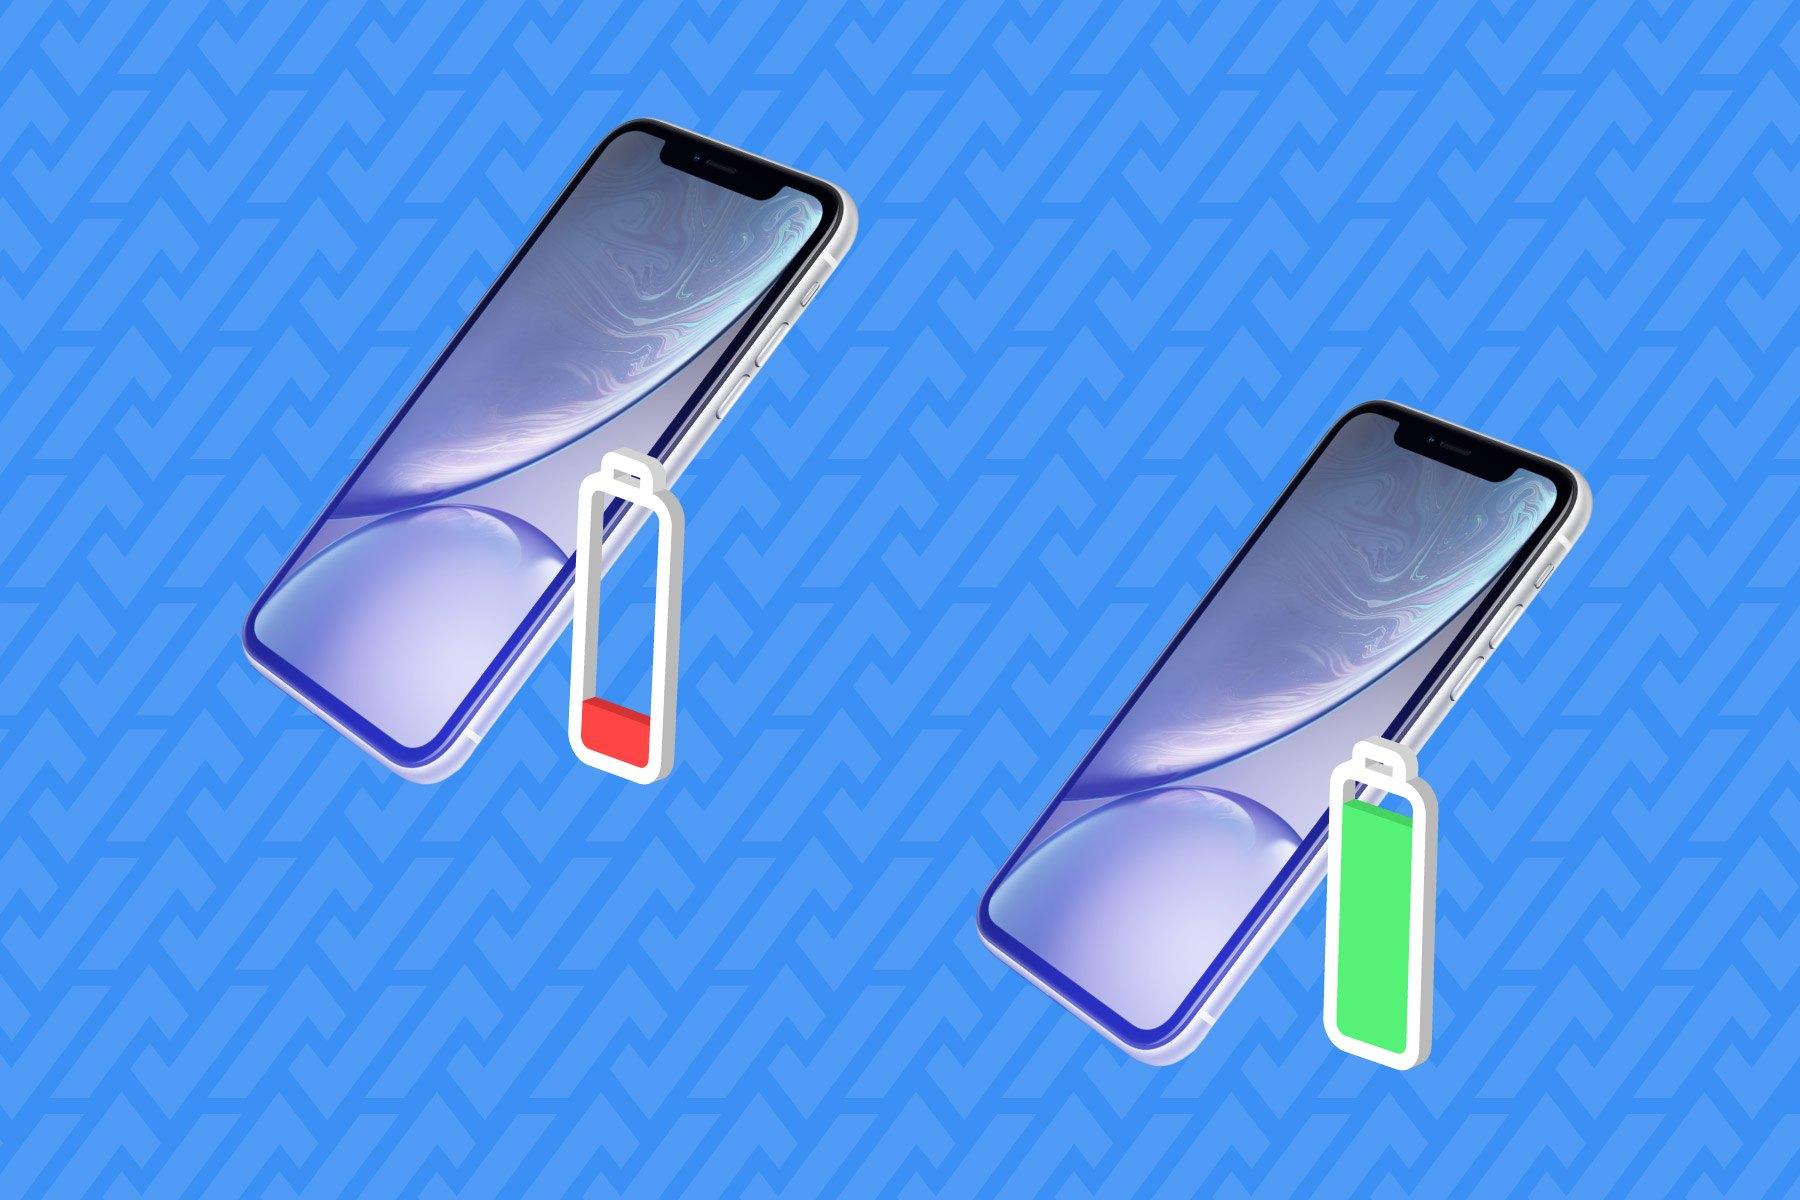 Comment Bien Choisir Son Smartphone en 5 Étapes